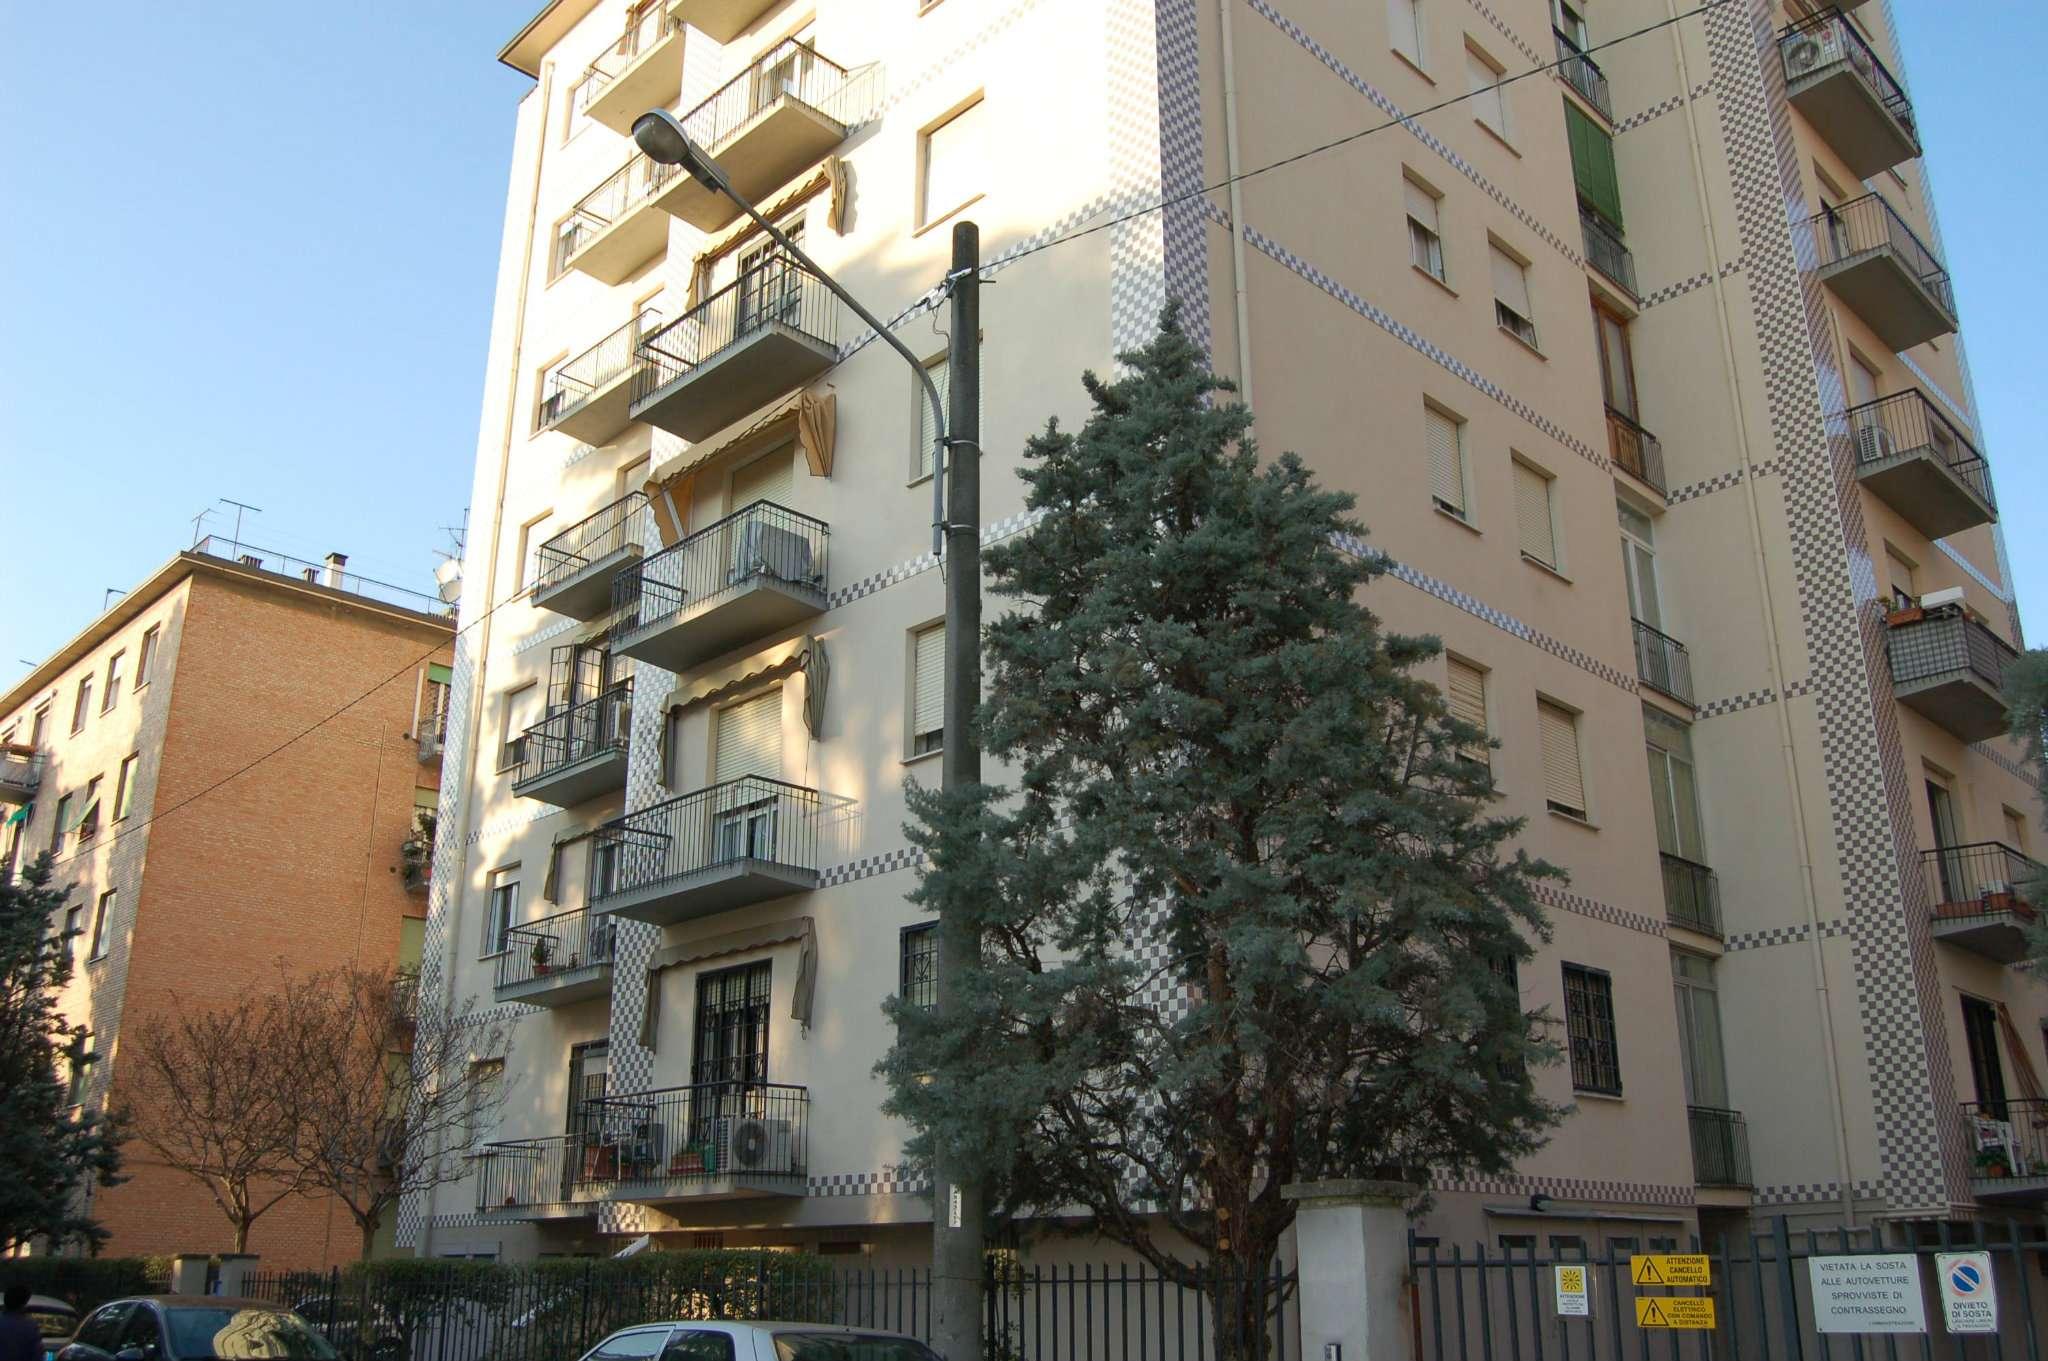 Appartamento in vendita a Reggio Emilia, 3 locali, prezzo € 170.000   PortaleAgenzieImmobiliari.it